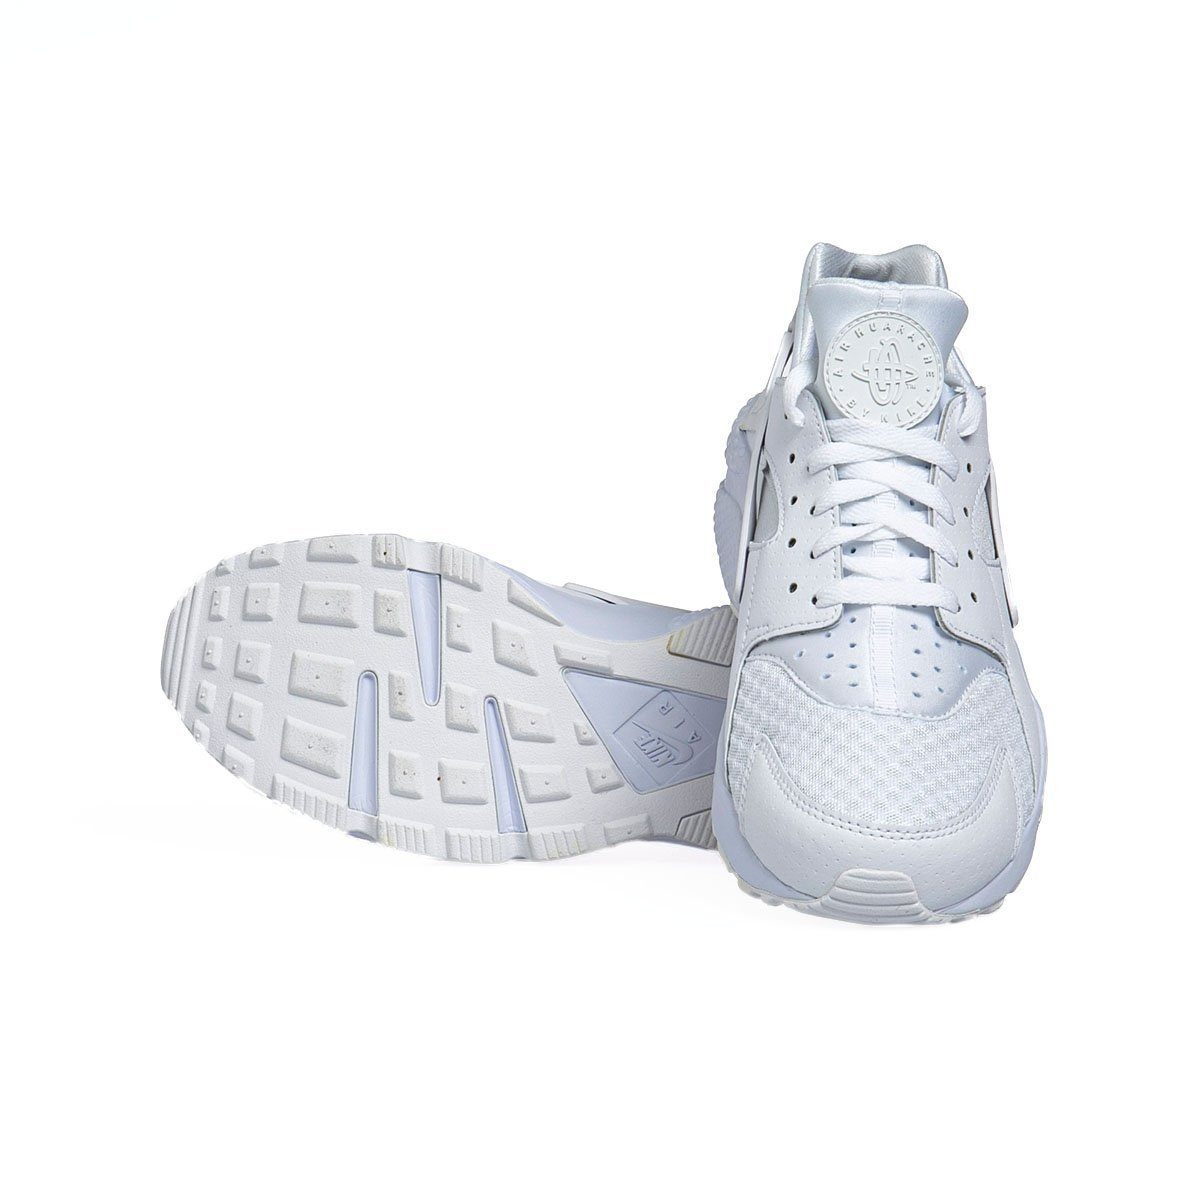 a4ac99d1d43f ... Nike Air Huarache white   pure platinum (318429-111) ...